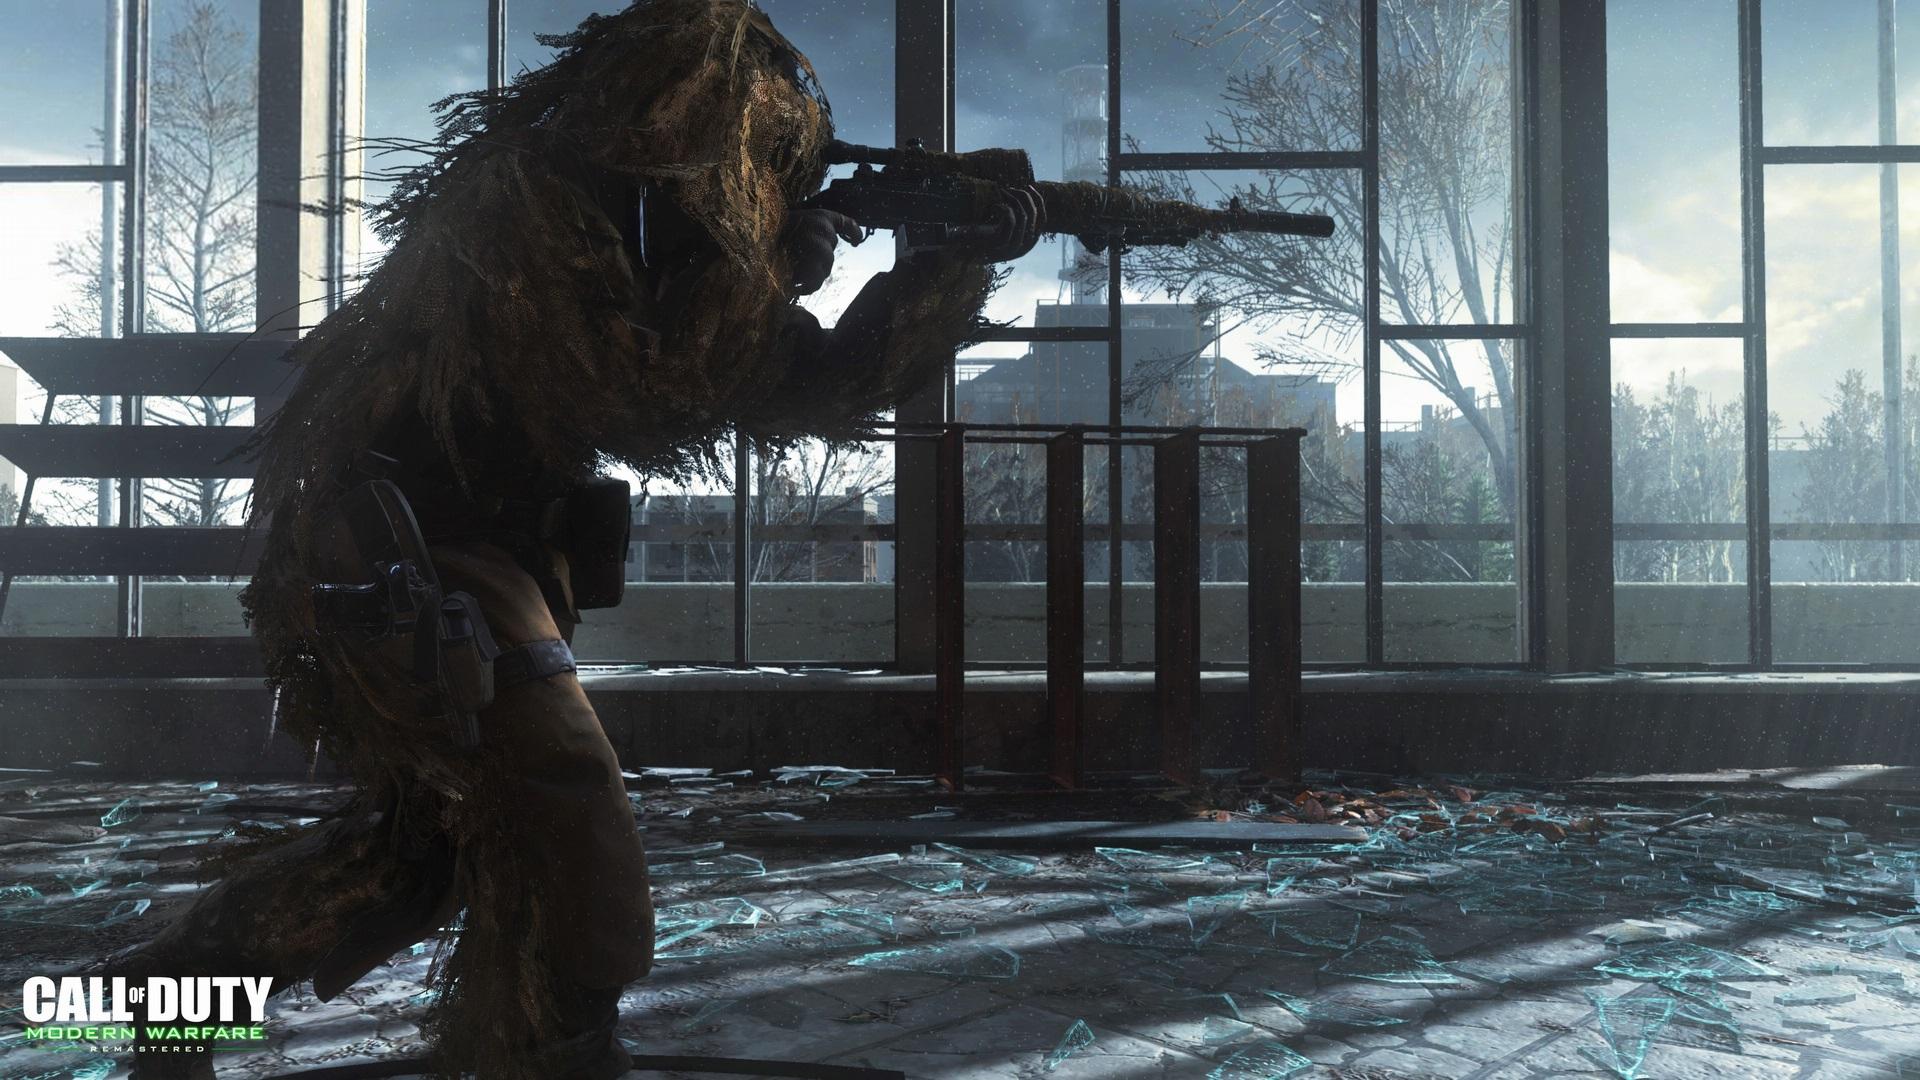 Call of Duty: Infinite Warfare - vše, co byste měli vědět, na jednom místě 131758